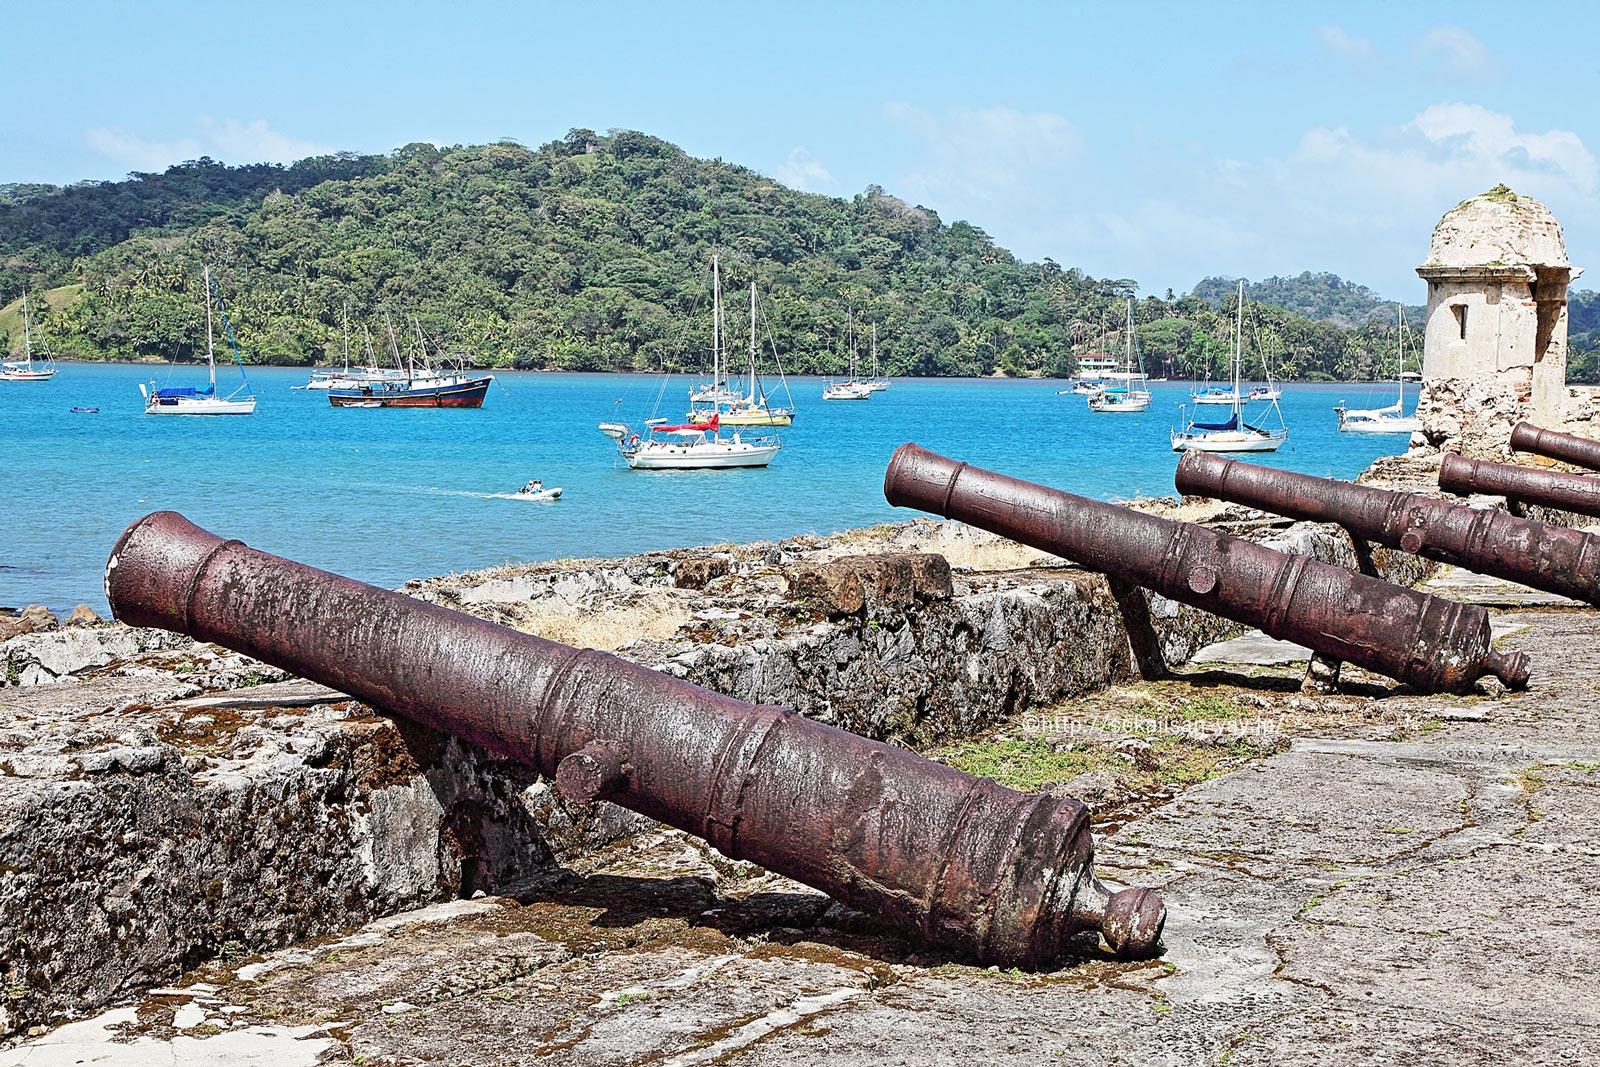 パナマ「パナマのカリブ海沿岸の要塞群:ポルトベロとサン・ロレンソ」